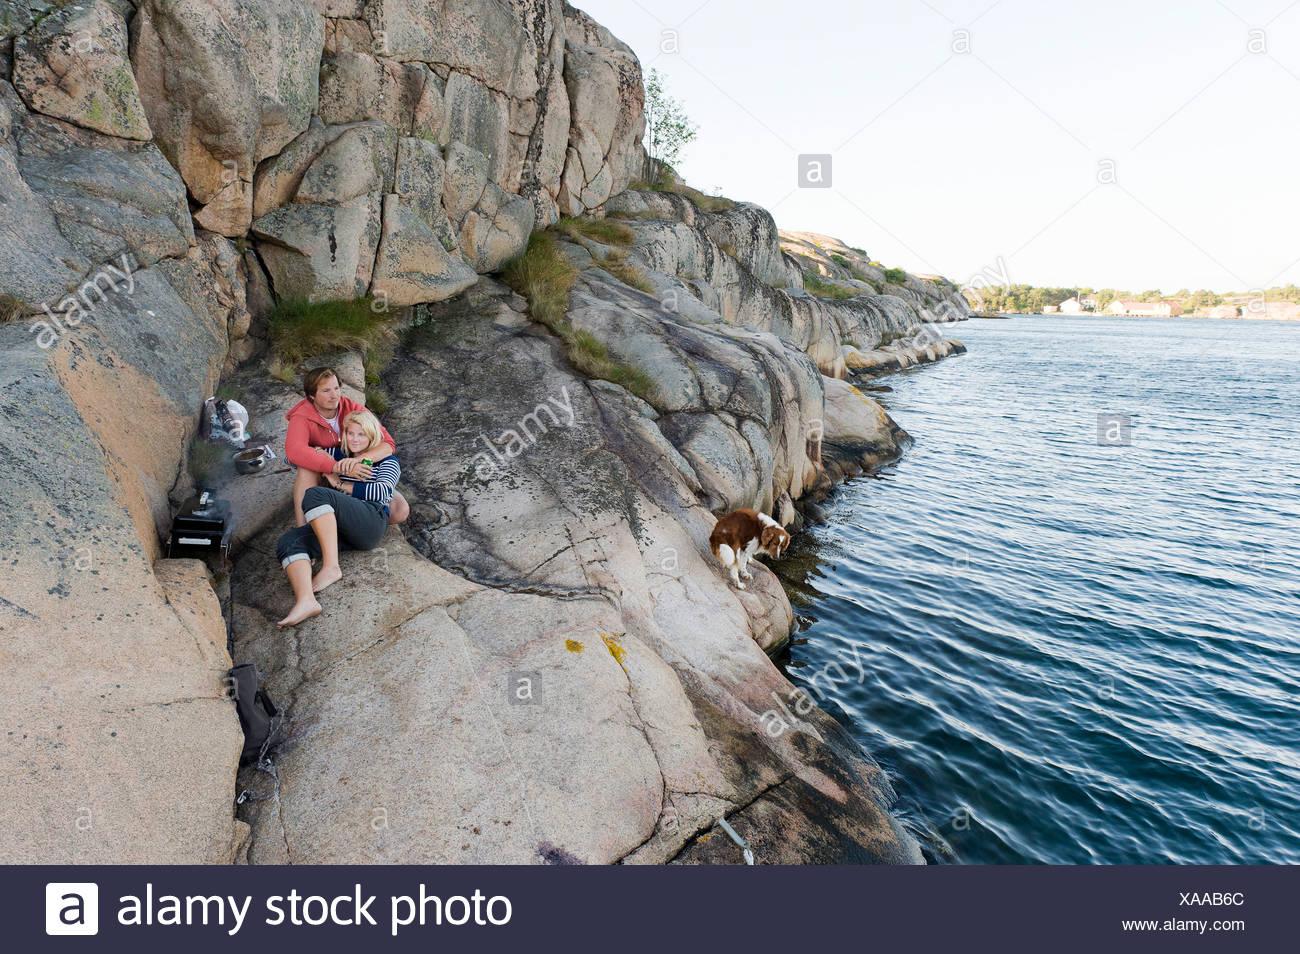 Romántica y relajada muchacho y muchacha adolescente en la roca por el mar pacífico Imagen De Stock